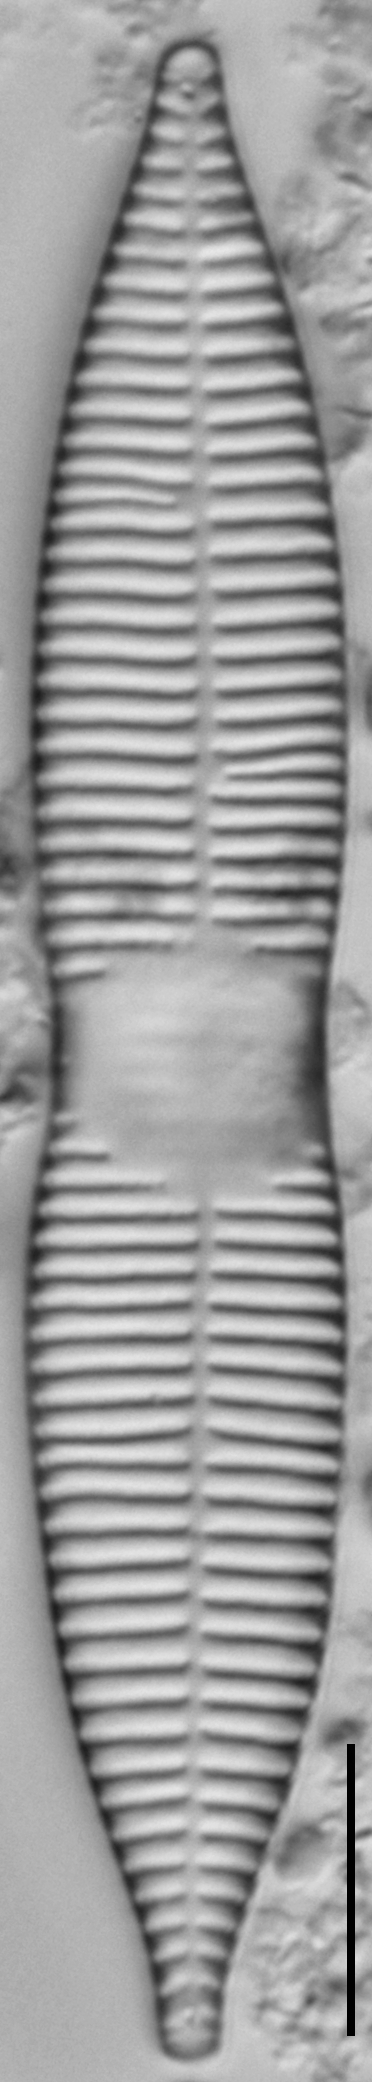 Synedra goulardi LM6